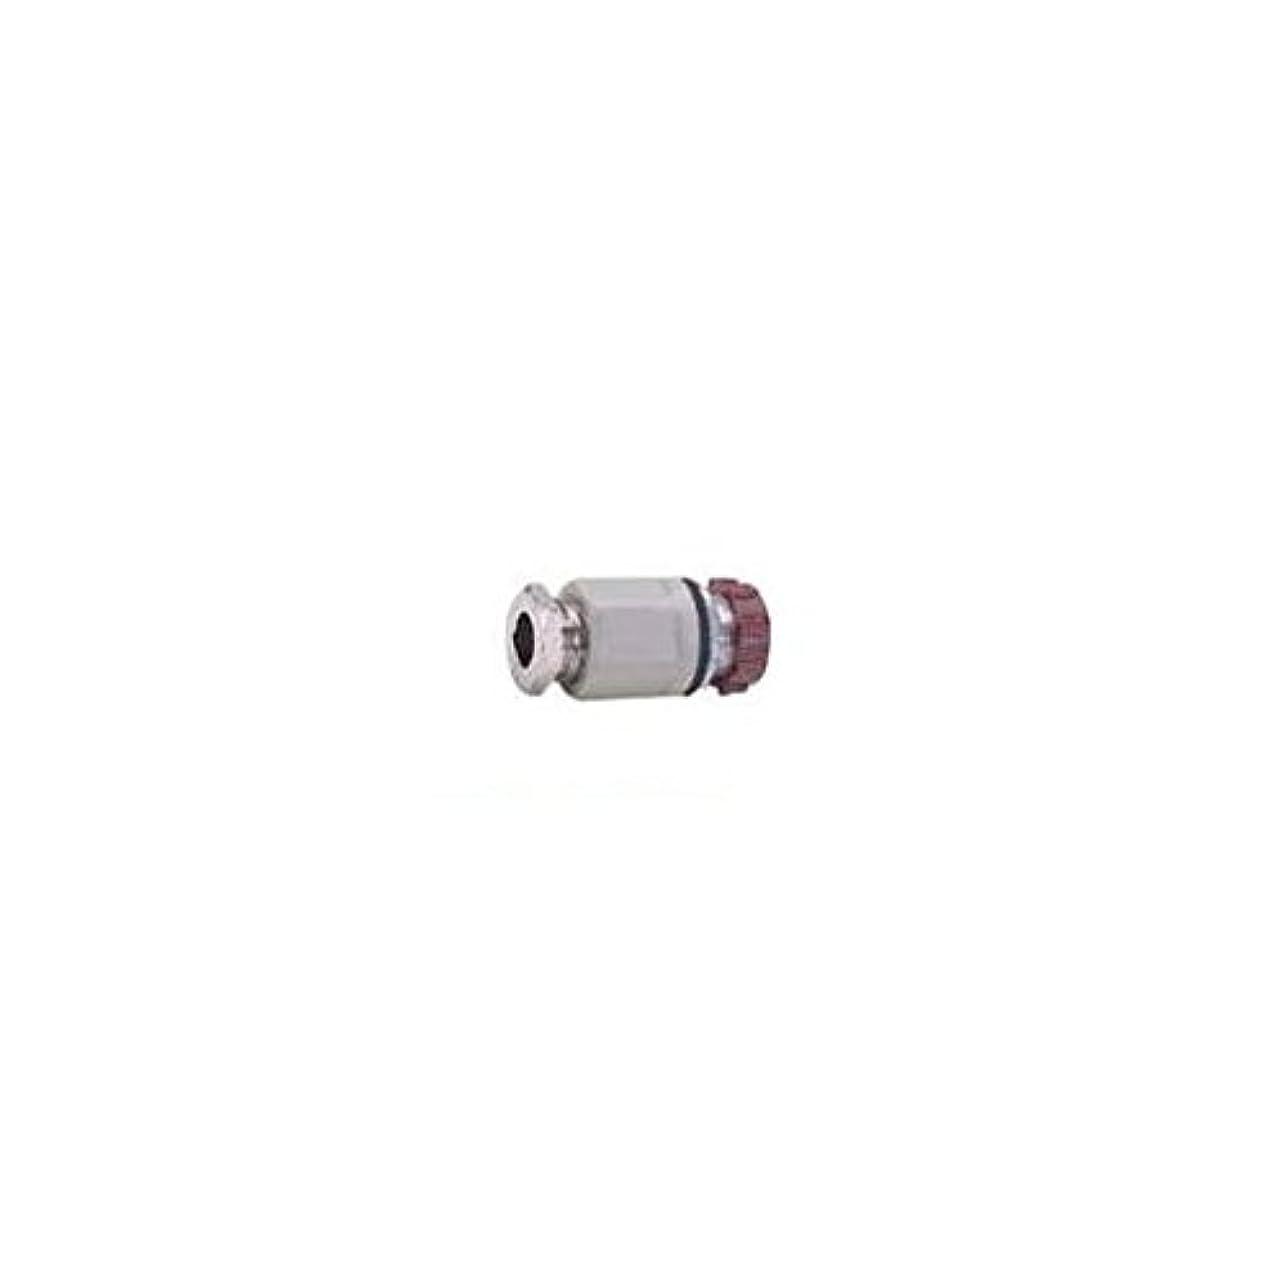 スリル狭い付添人AR34826 [ACG] アルミケーブルコネクタ(アルミ製)